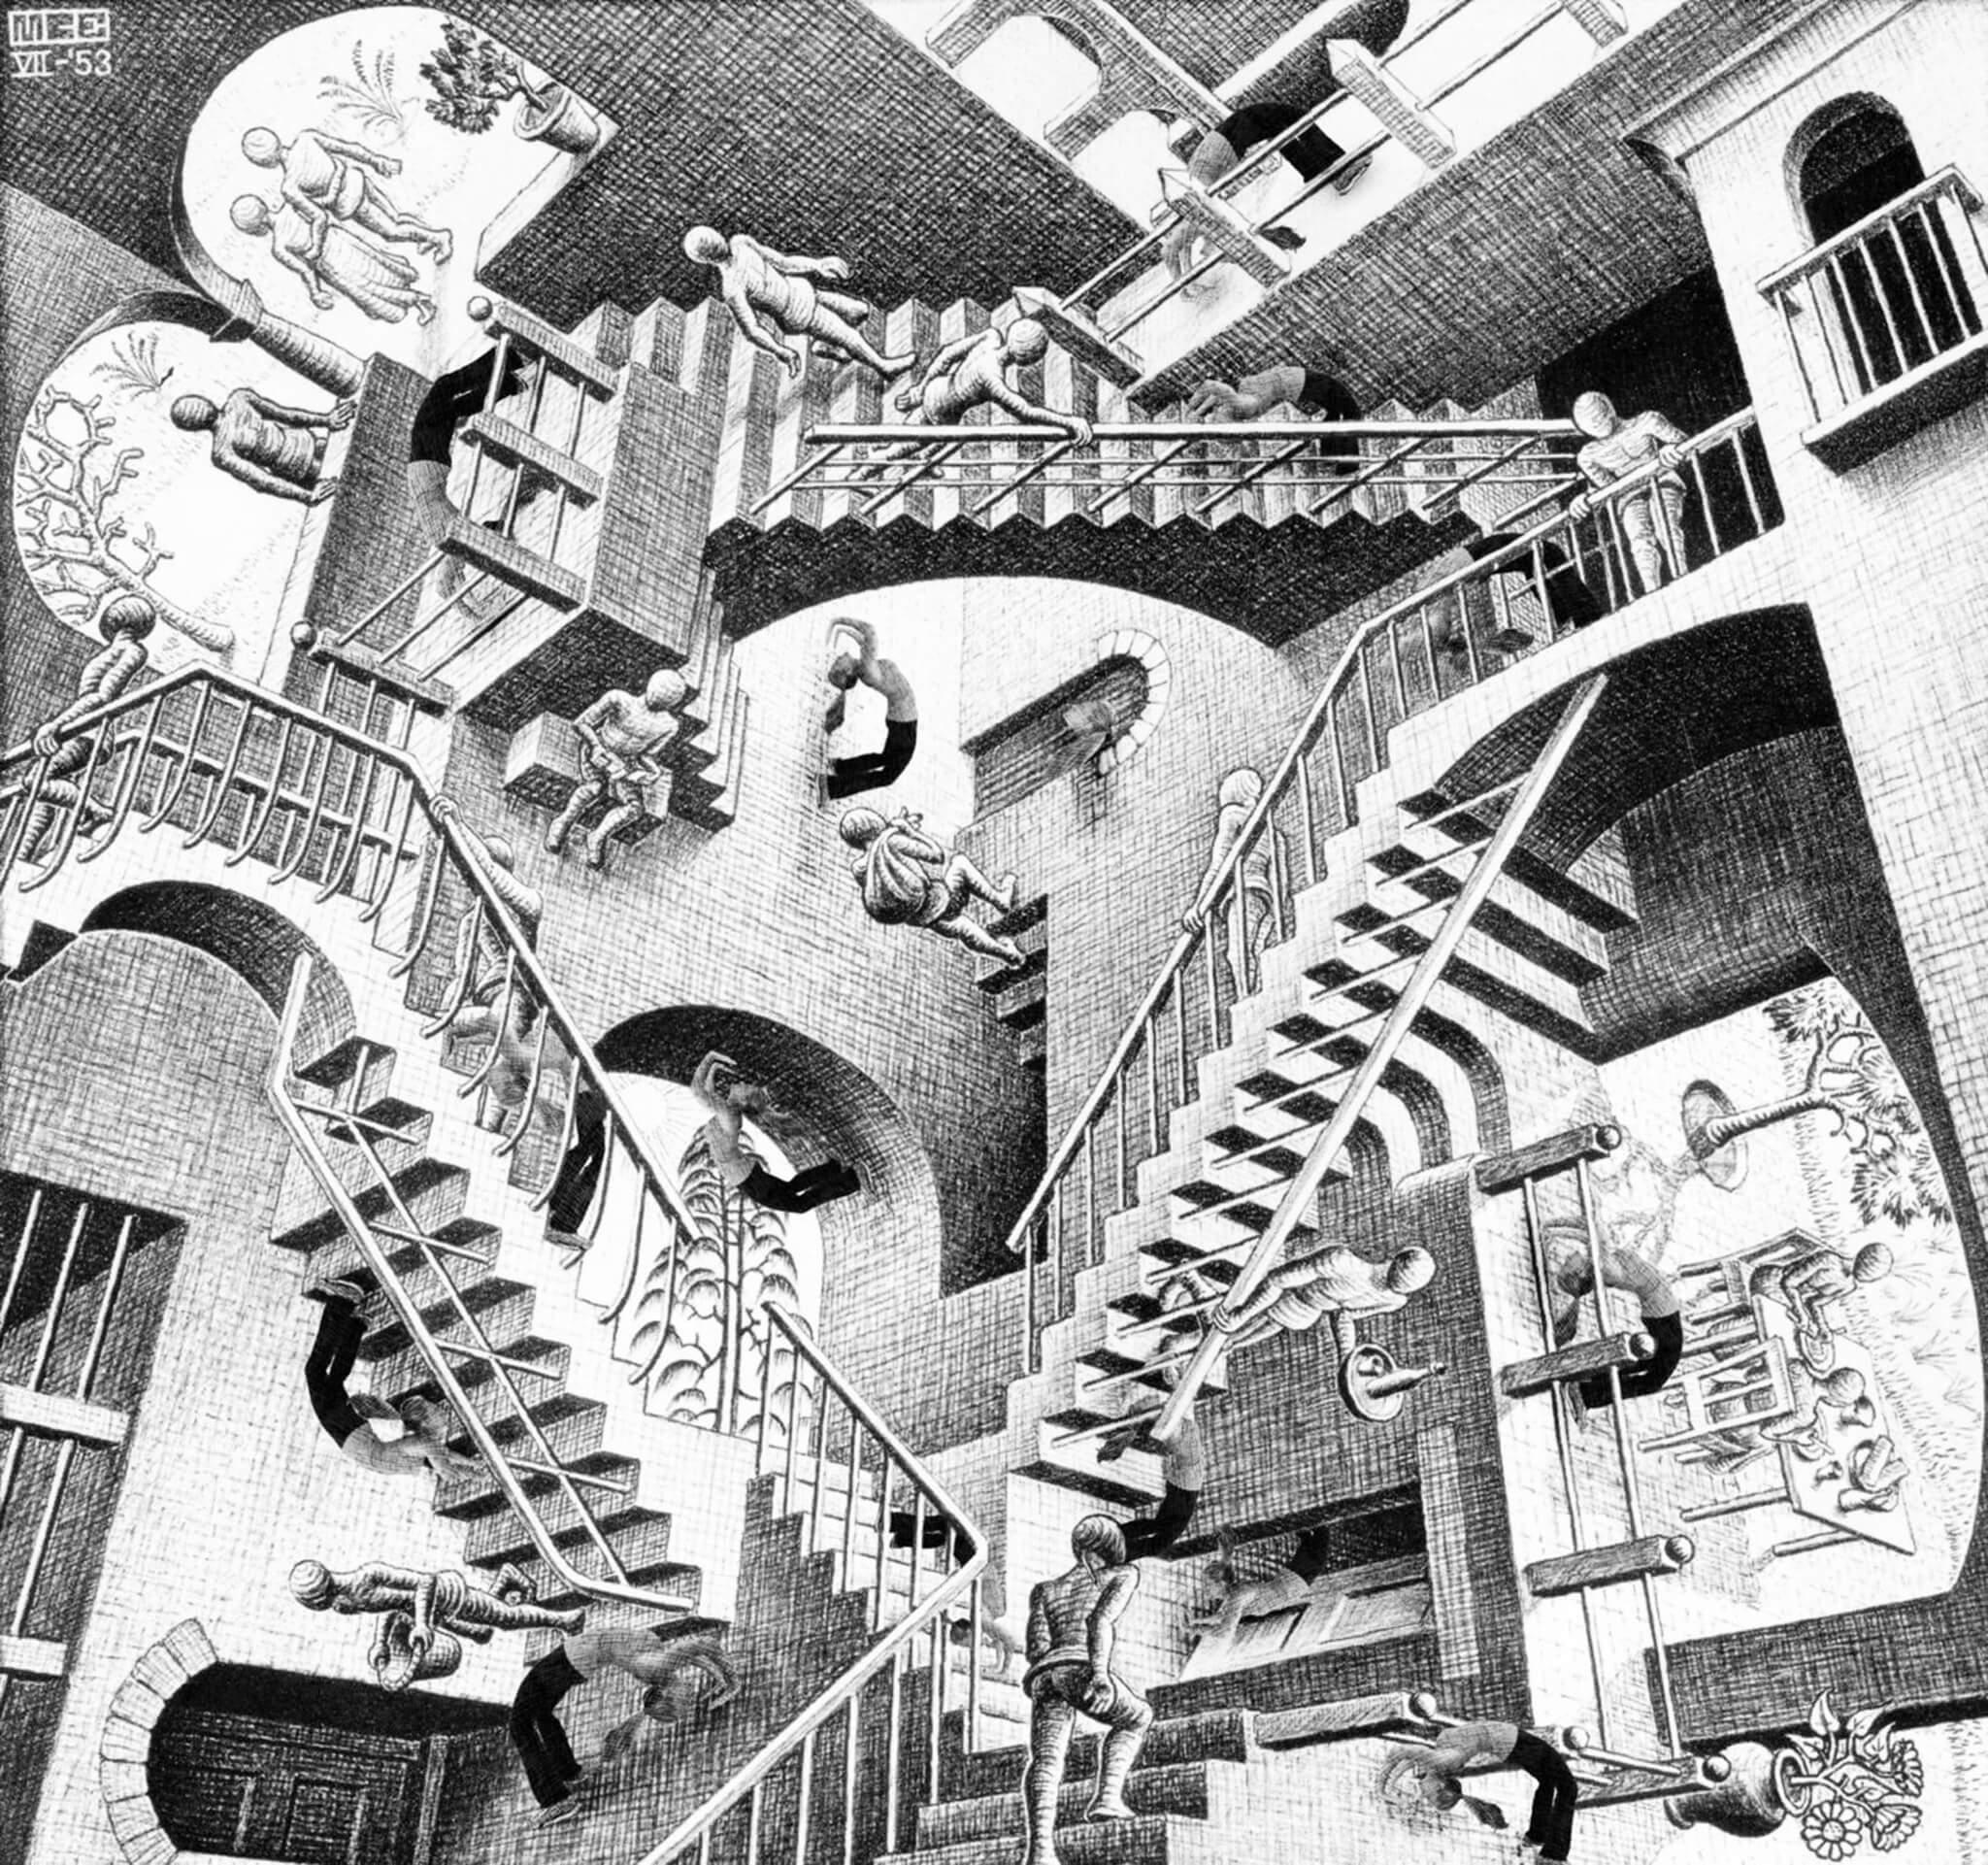 曾推辭 史丹利庫柏力克 合作的芬蘭版畫家 艾雪 作品:相對性 (Relativity)。